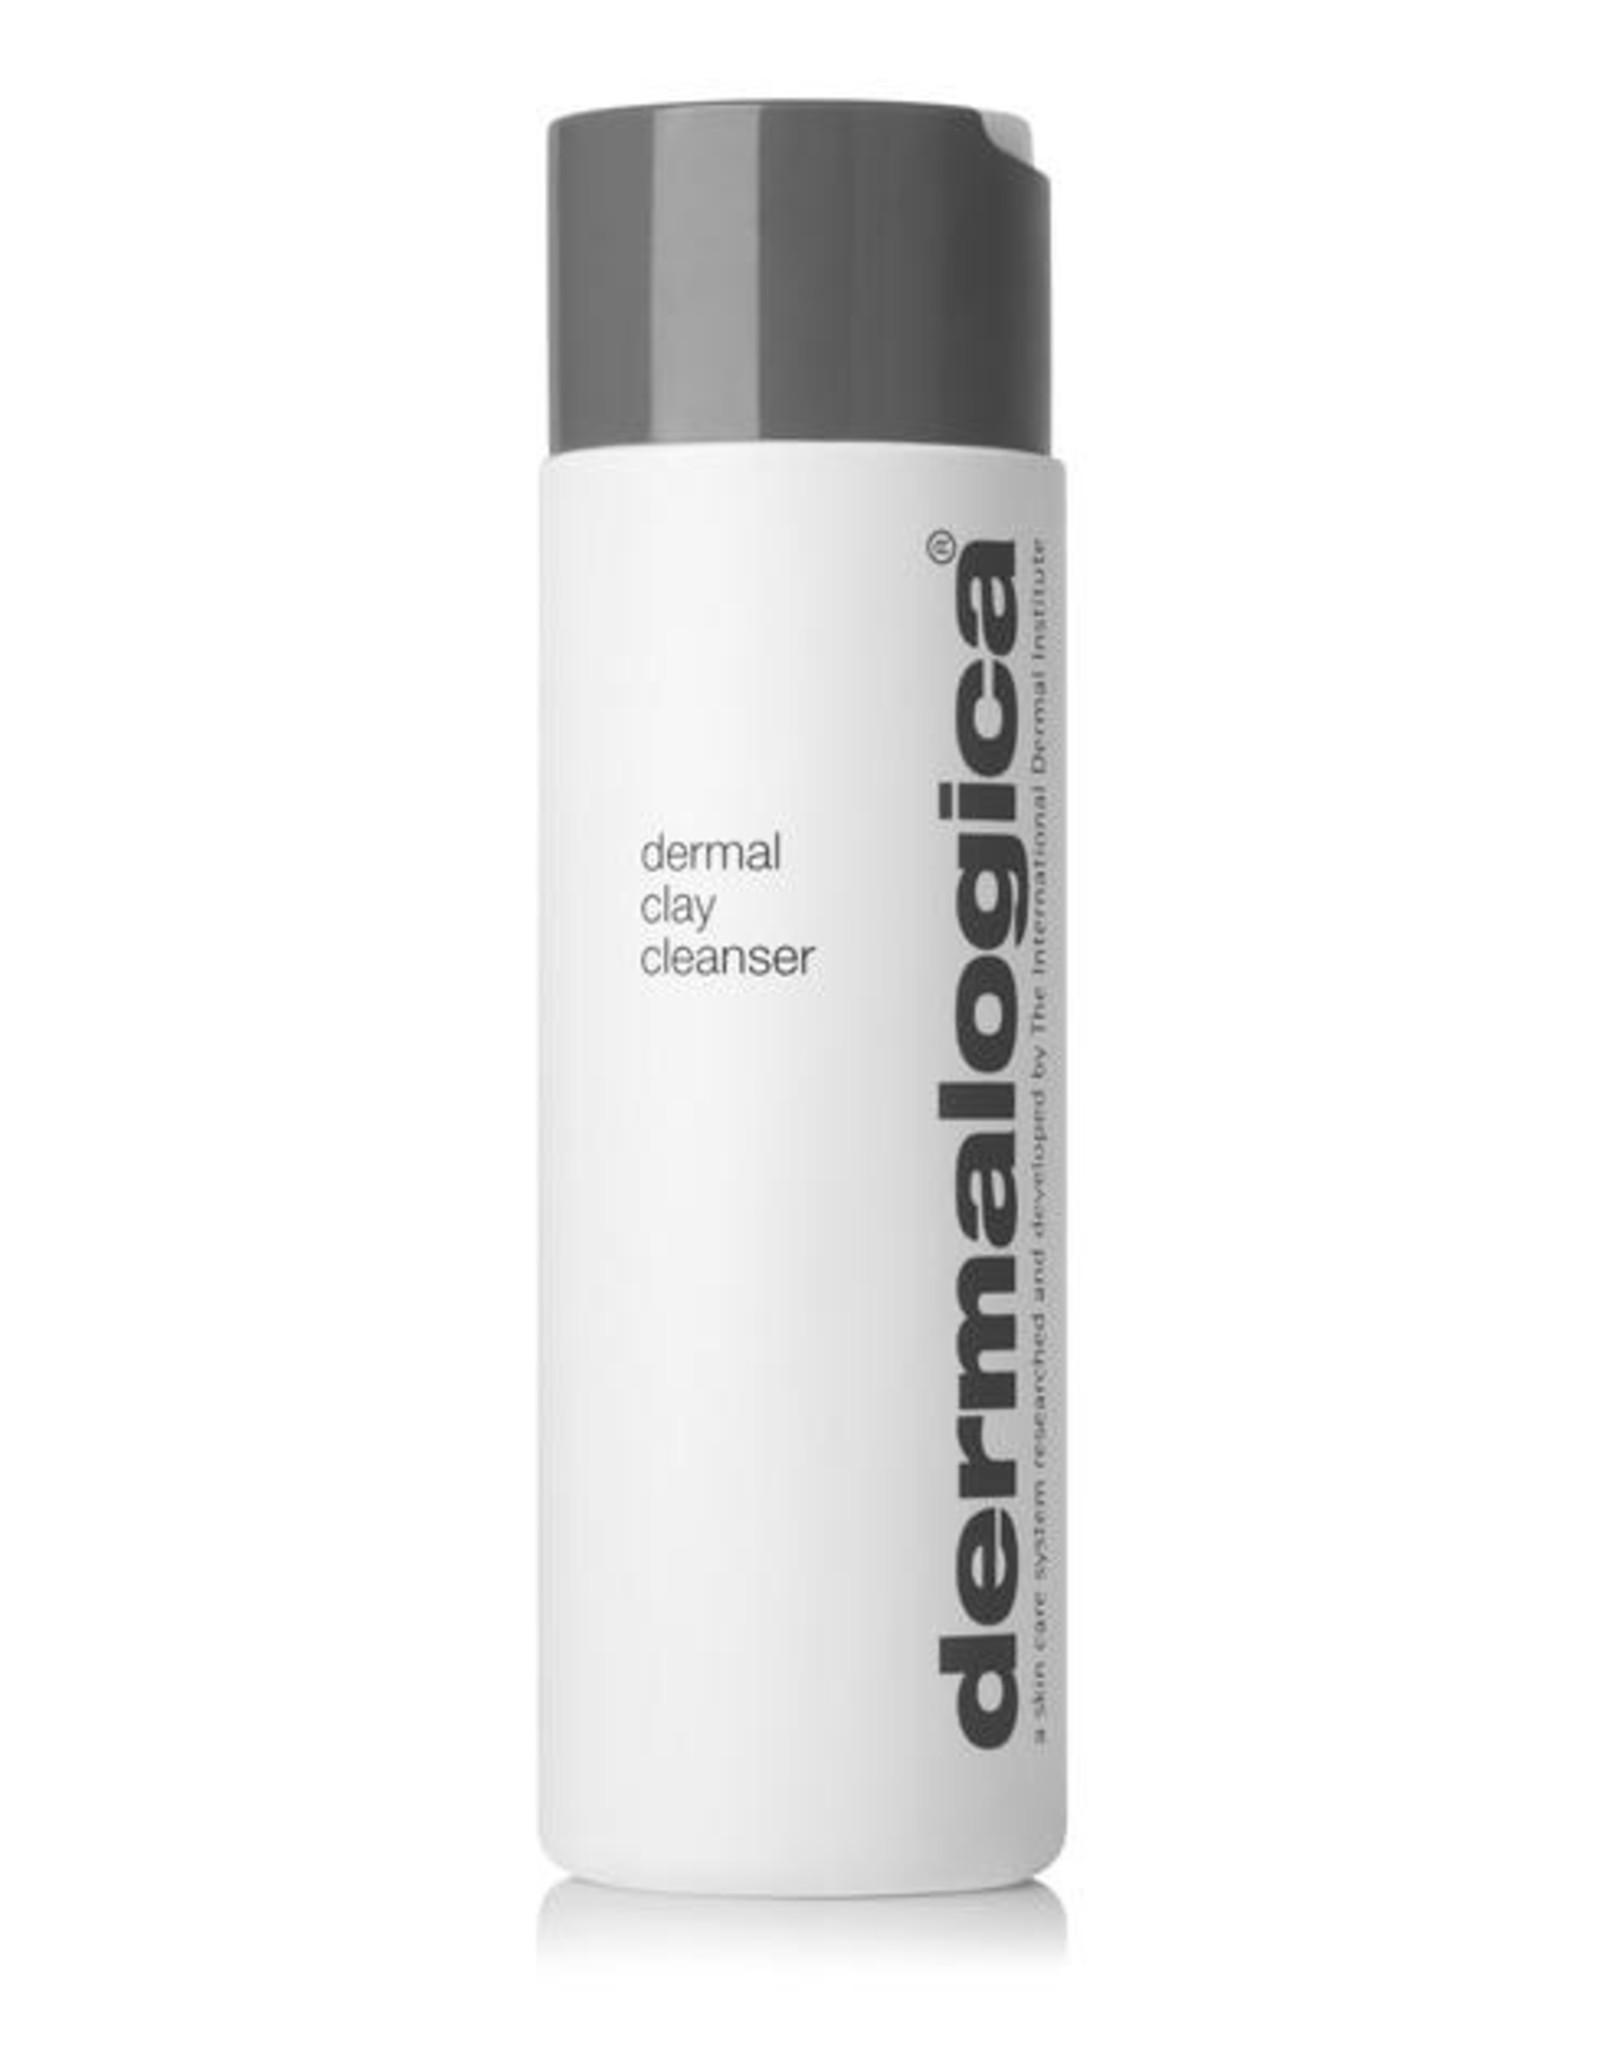 Dermalogica Dermal Clay Cleanser 500ml - Dermalogica